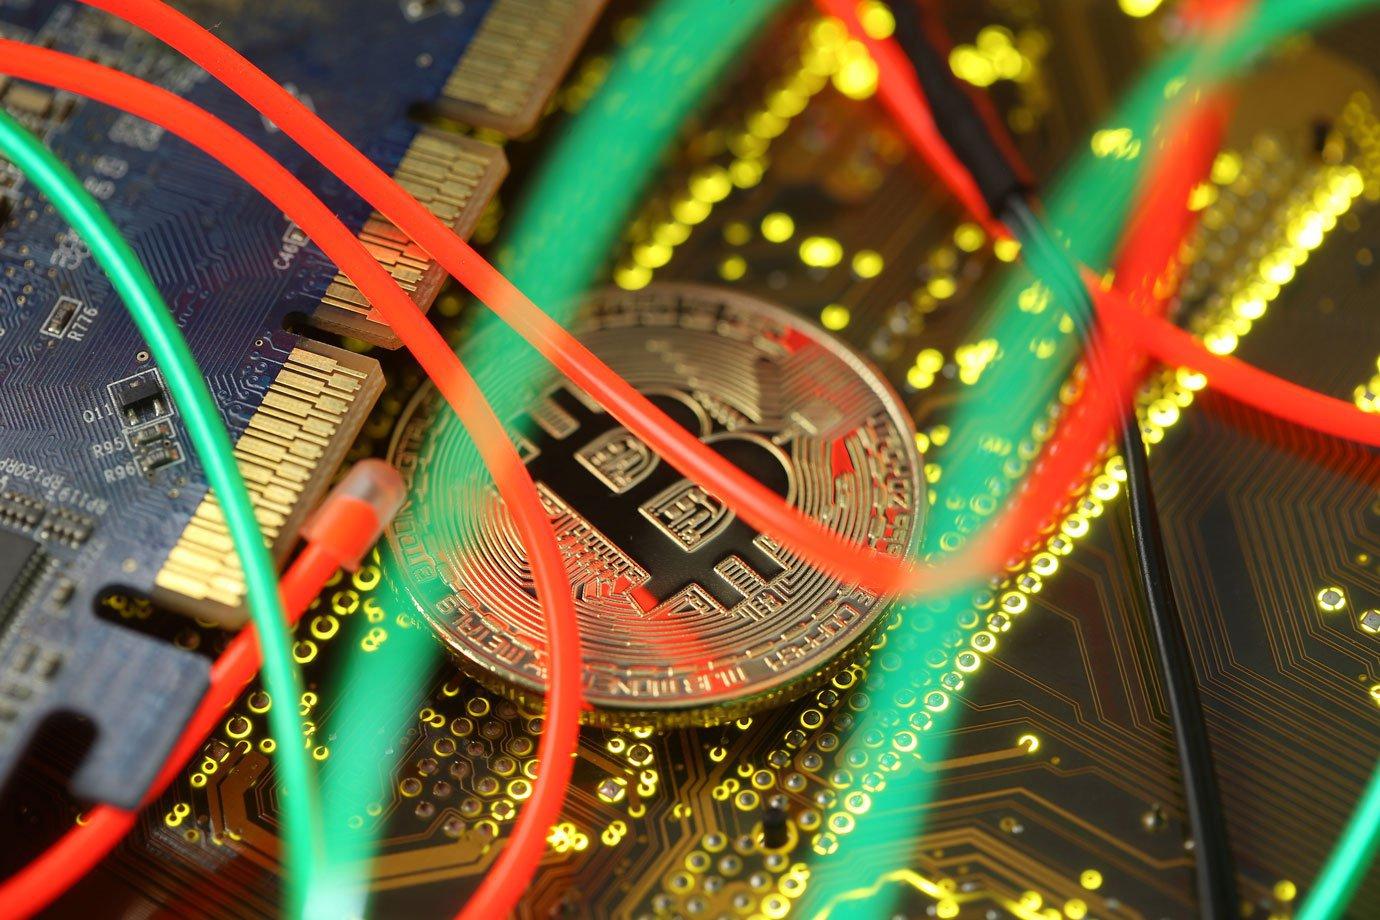 eu quero ganhar dinheiro online agora futuros de bitcoin começam a ser negociados